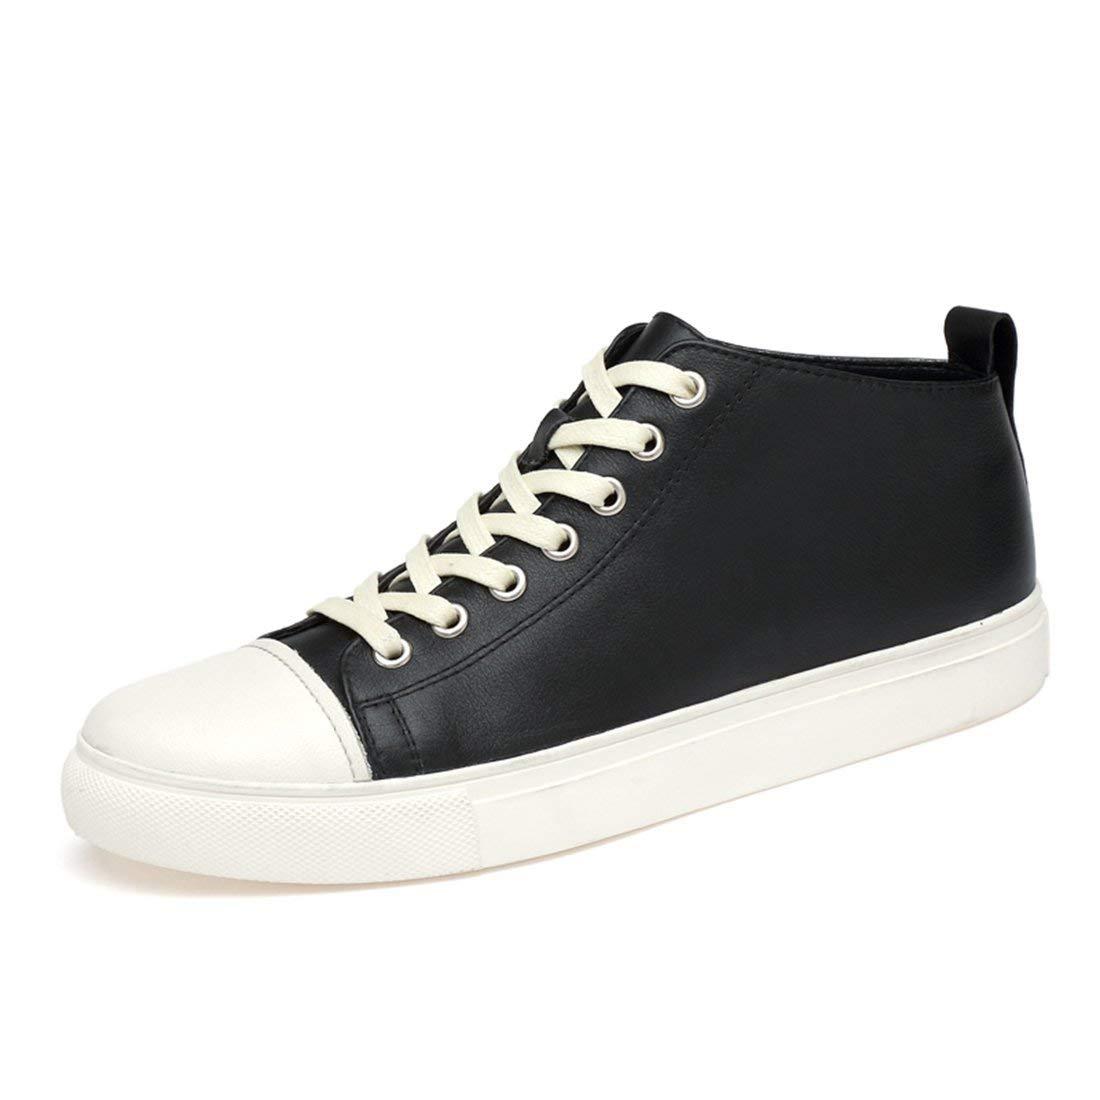 Herren Lifestyle Outdoor Gummisohle Mode Turnschuhe (Farbe   schwarz Weiß, Größe   5.5 UK)  | Stabile Qualität